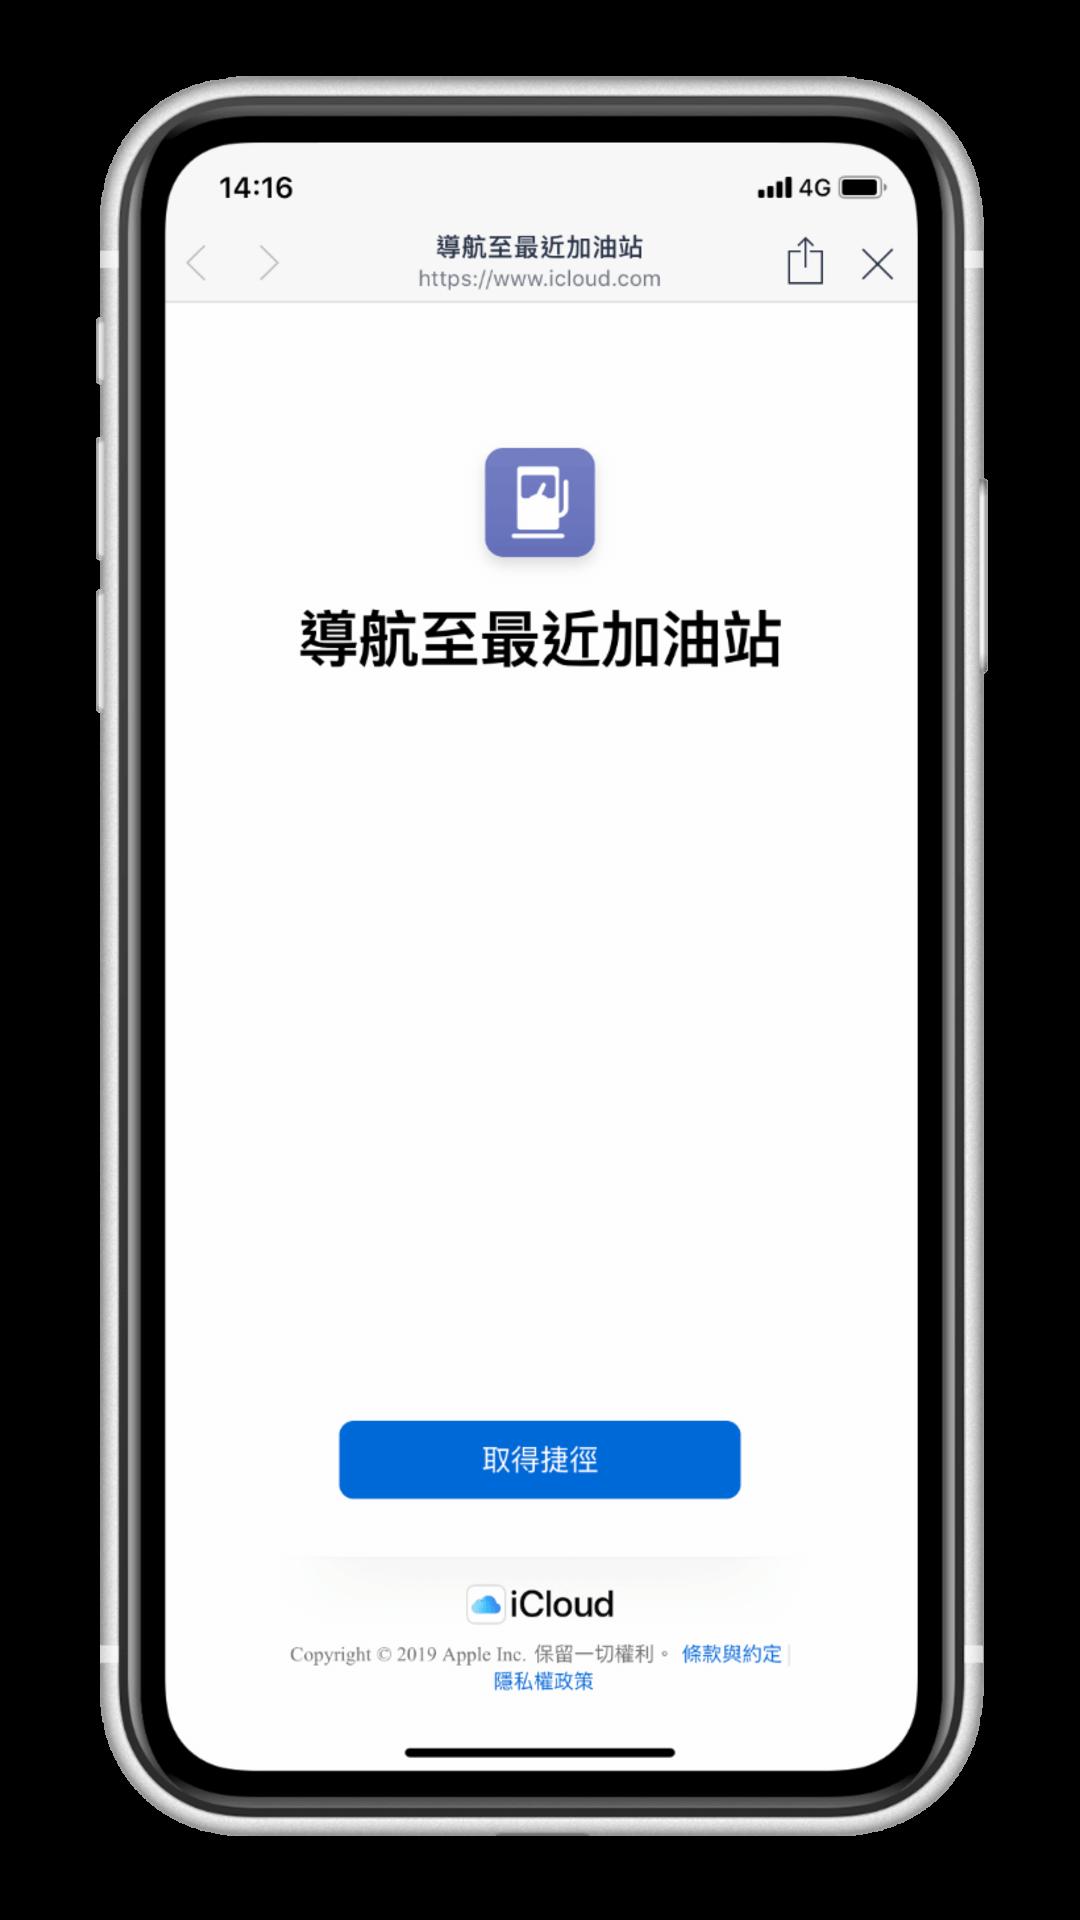 用 iPhone 1 秒找出最近的加油站並導航至目的地 (iOS 捷徑教學)